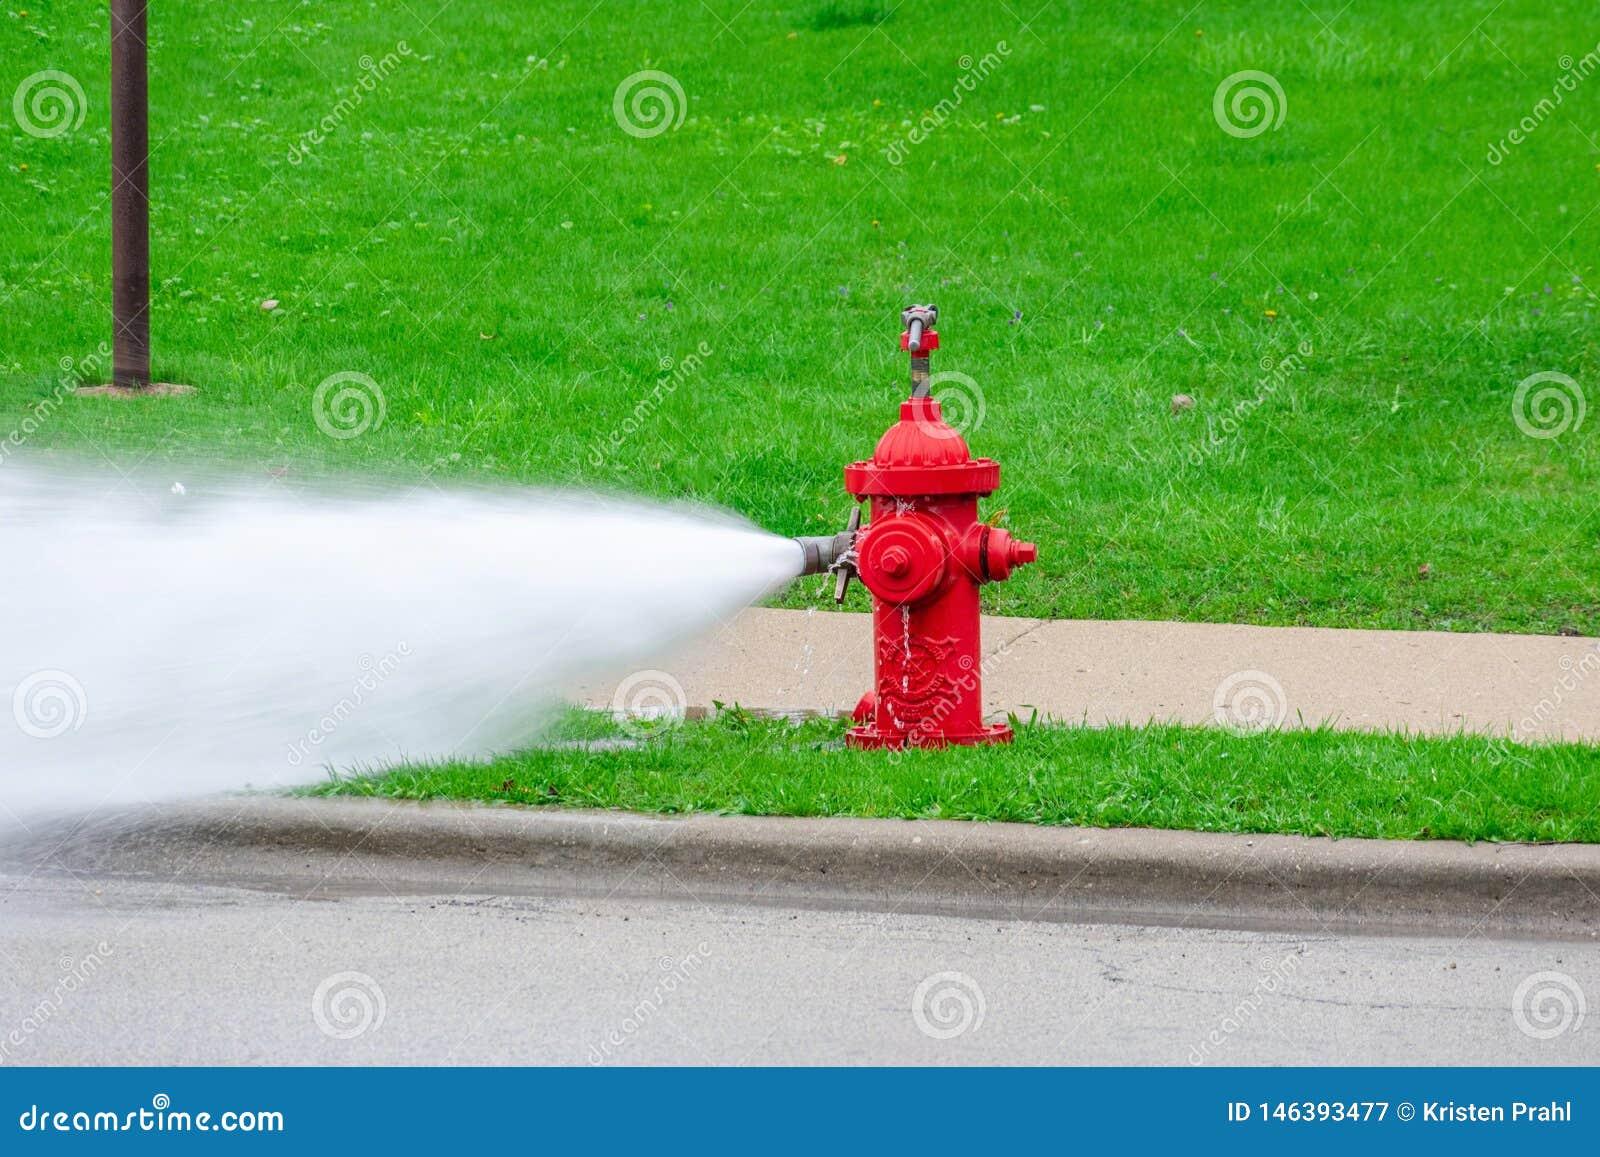 Κόκκινο στόμιο υδροληψίας πυρκαγιάς που ξεπλένεται